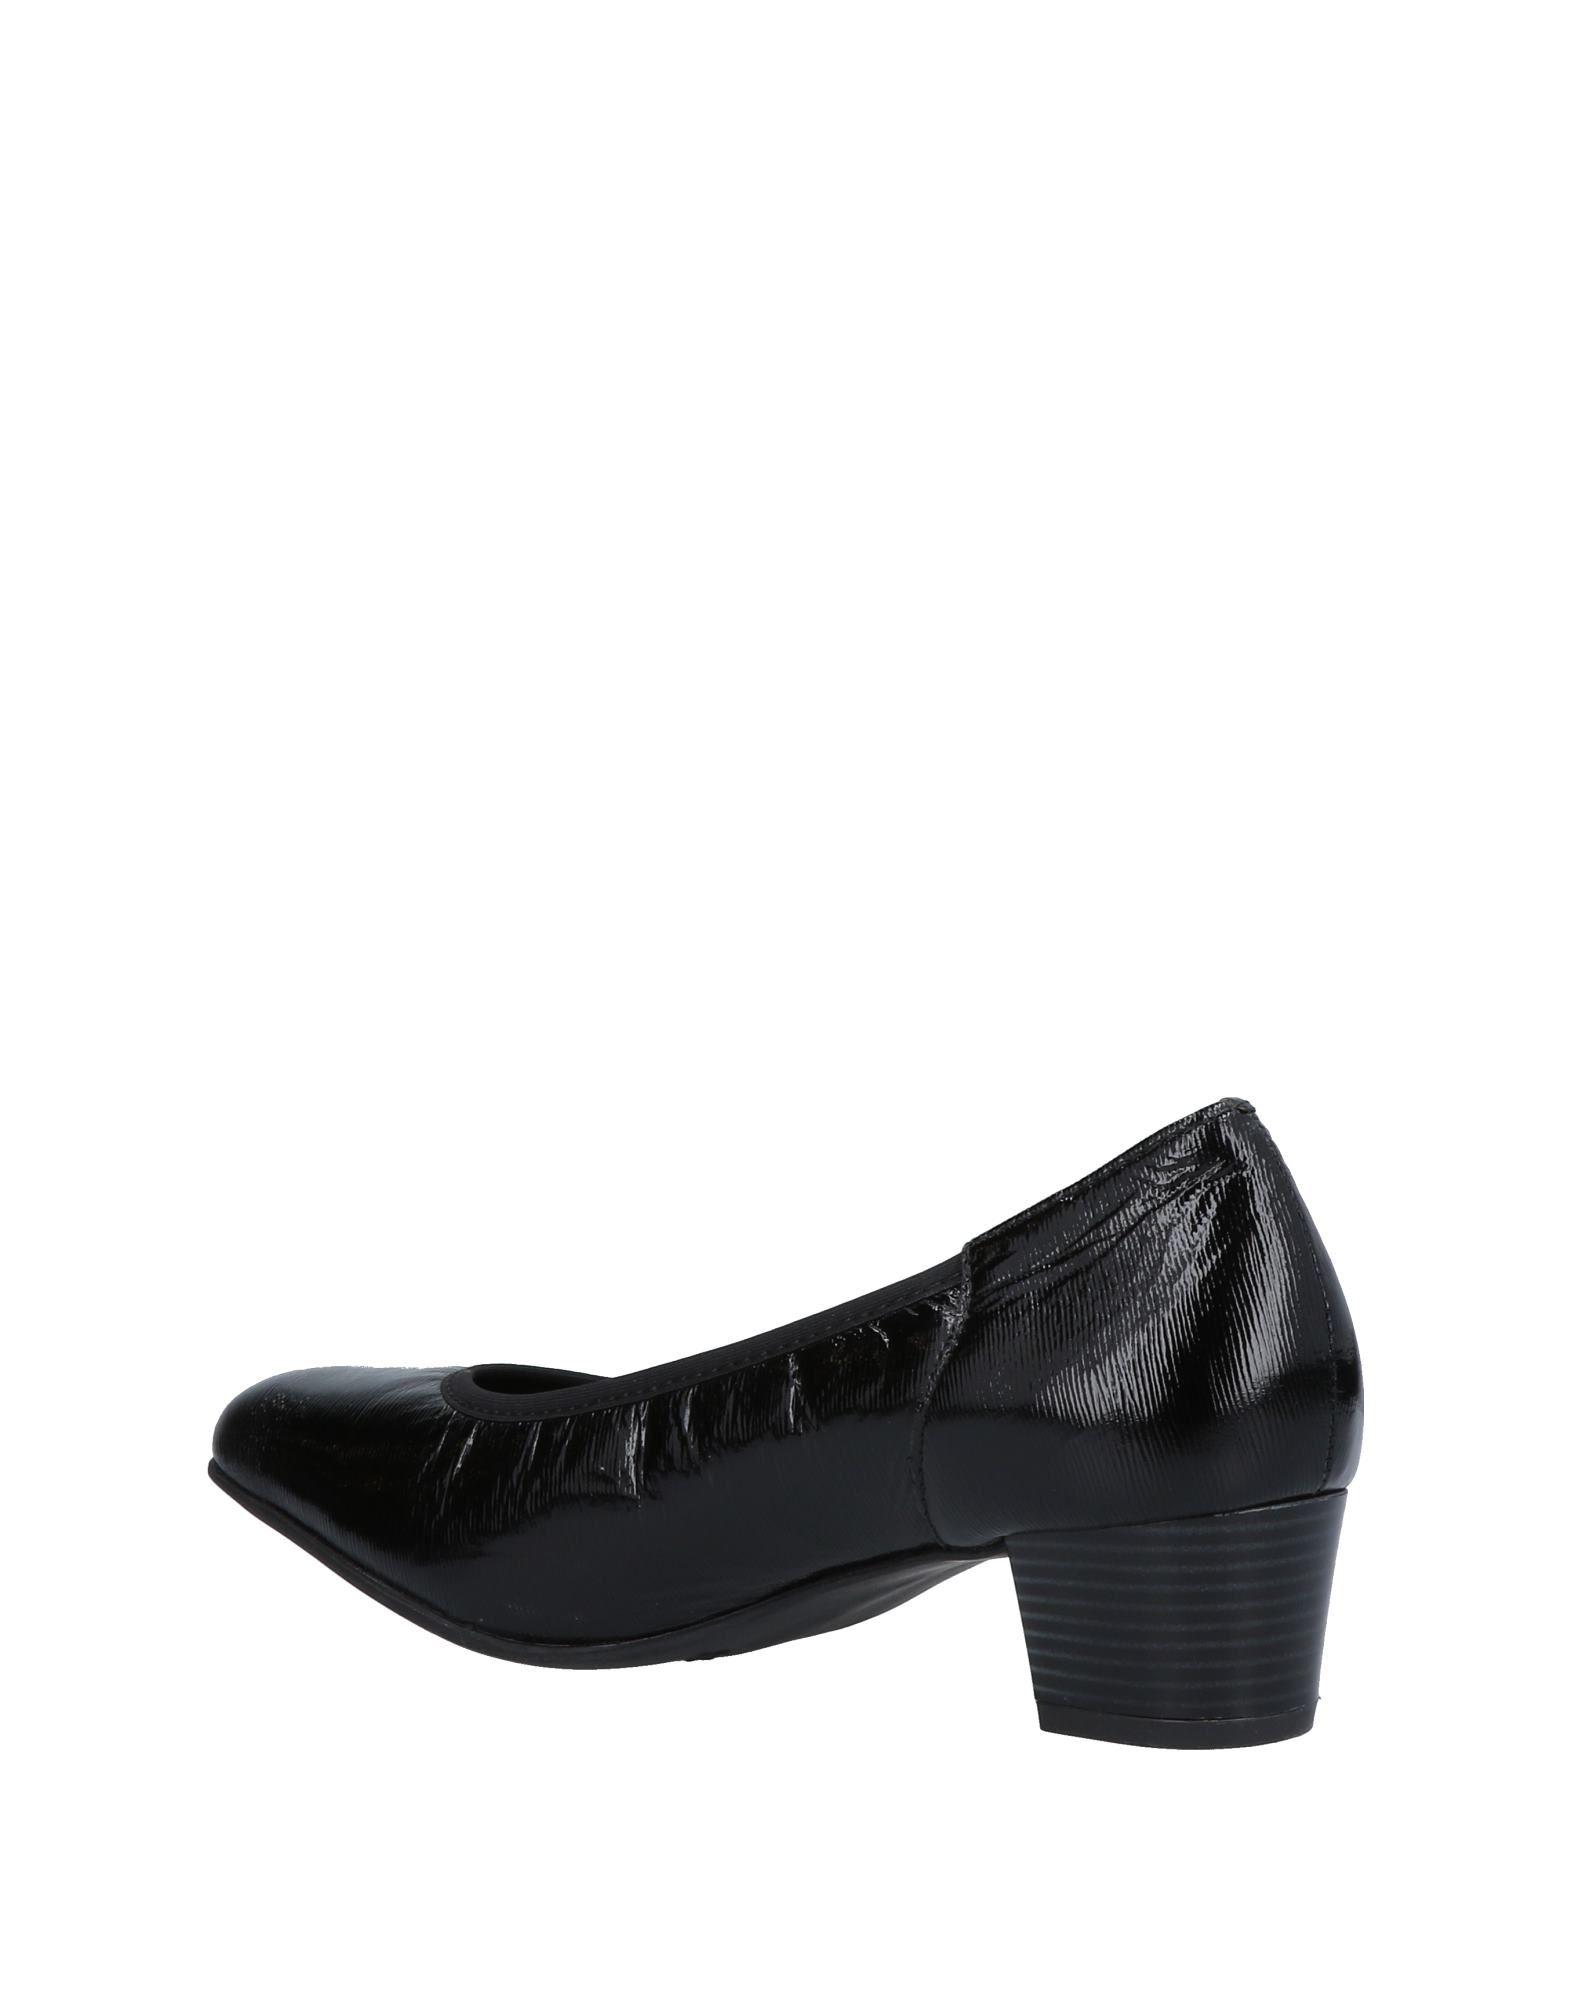 Cinzia Soft By By Soft Mauri Moda Pumps Damen  11464569LP Gute Qualität beliebte Schuhe 32c775